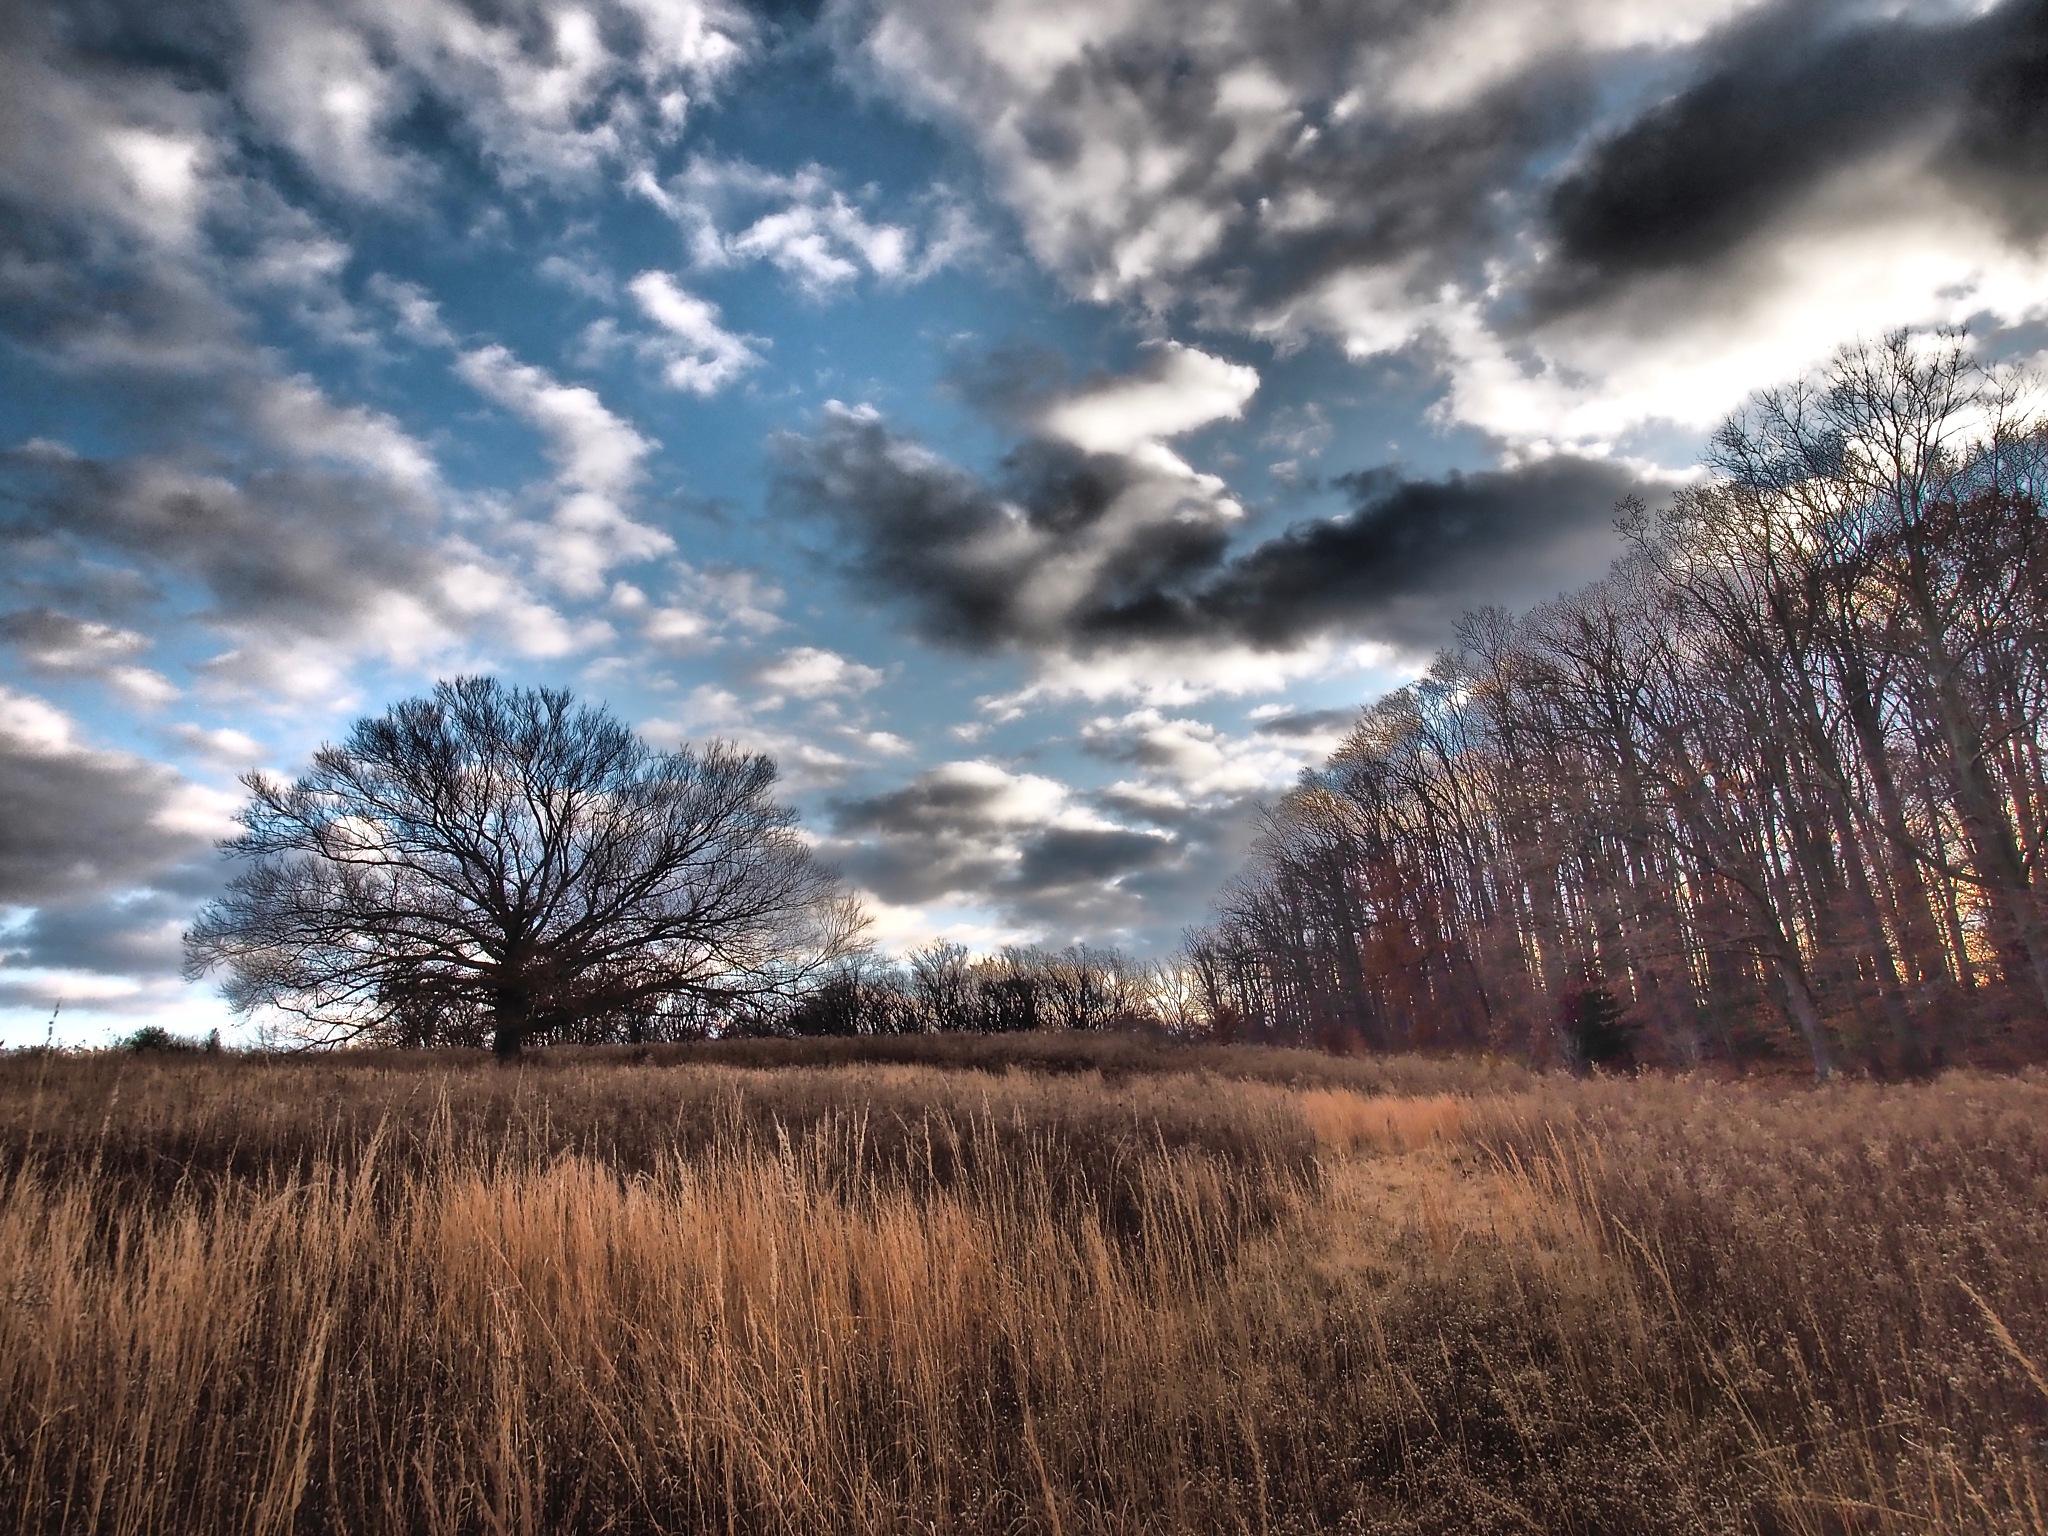 Hillside by Shawn456